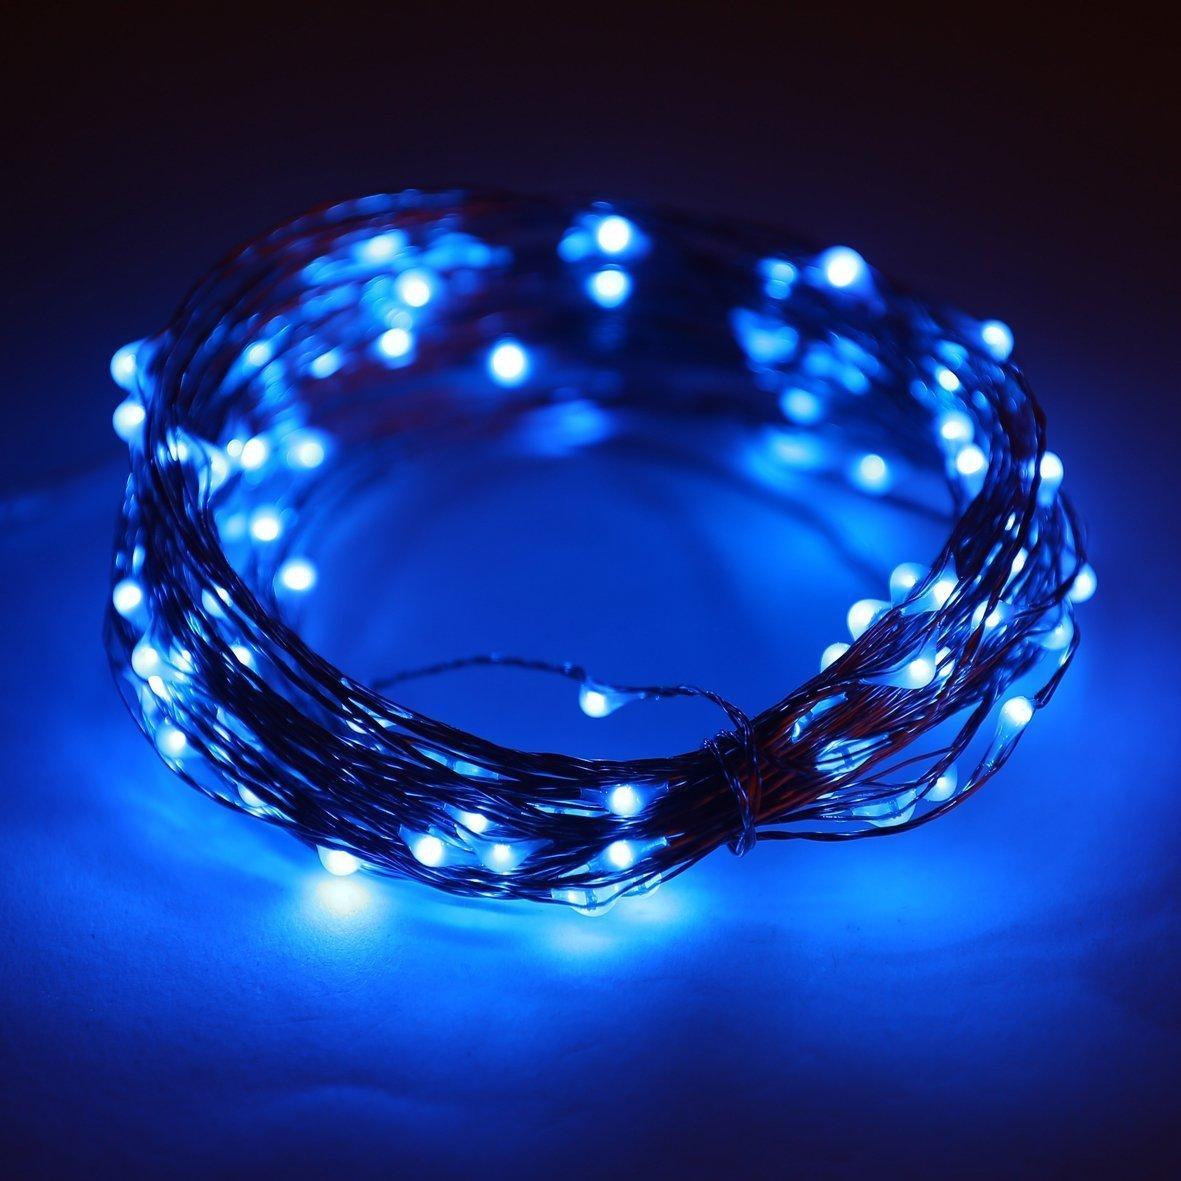 Lyhoon 16.4FT (5m) 50er LED Lichterkette Batterienbetrieben Blau ...